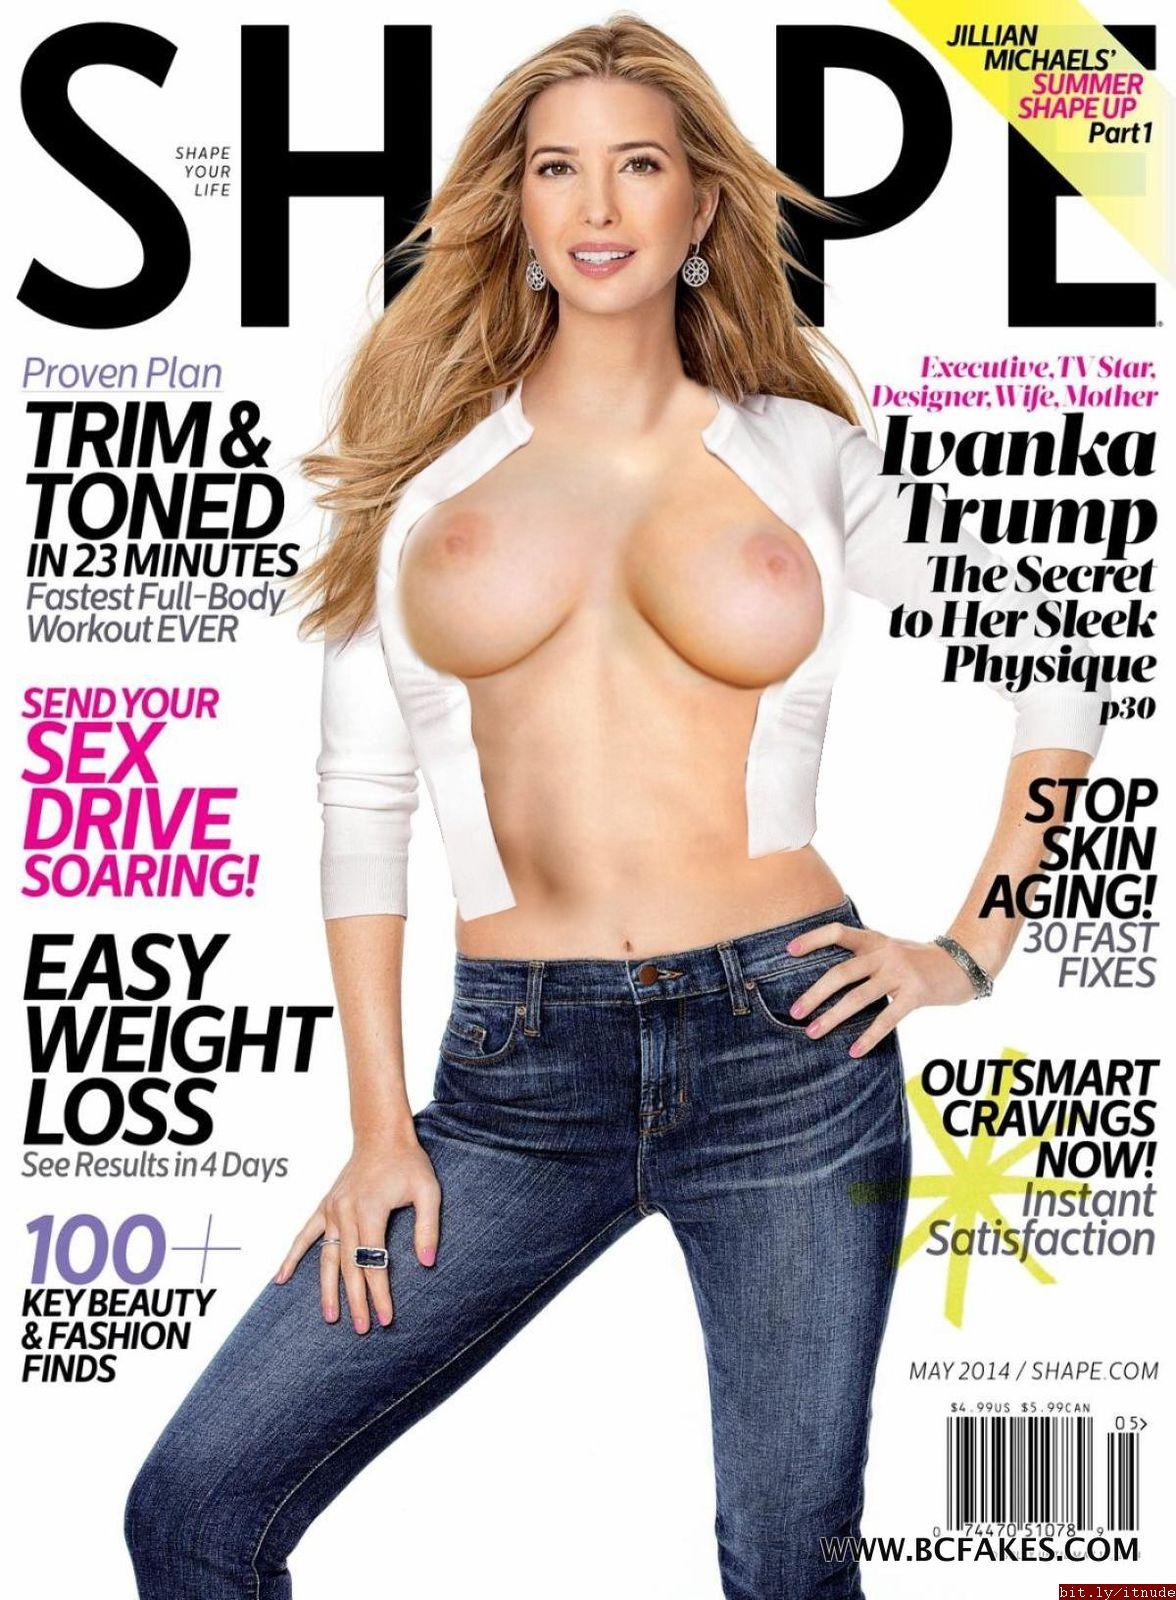 Ivanka trump fake nude